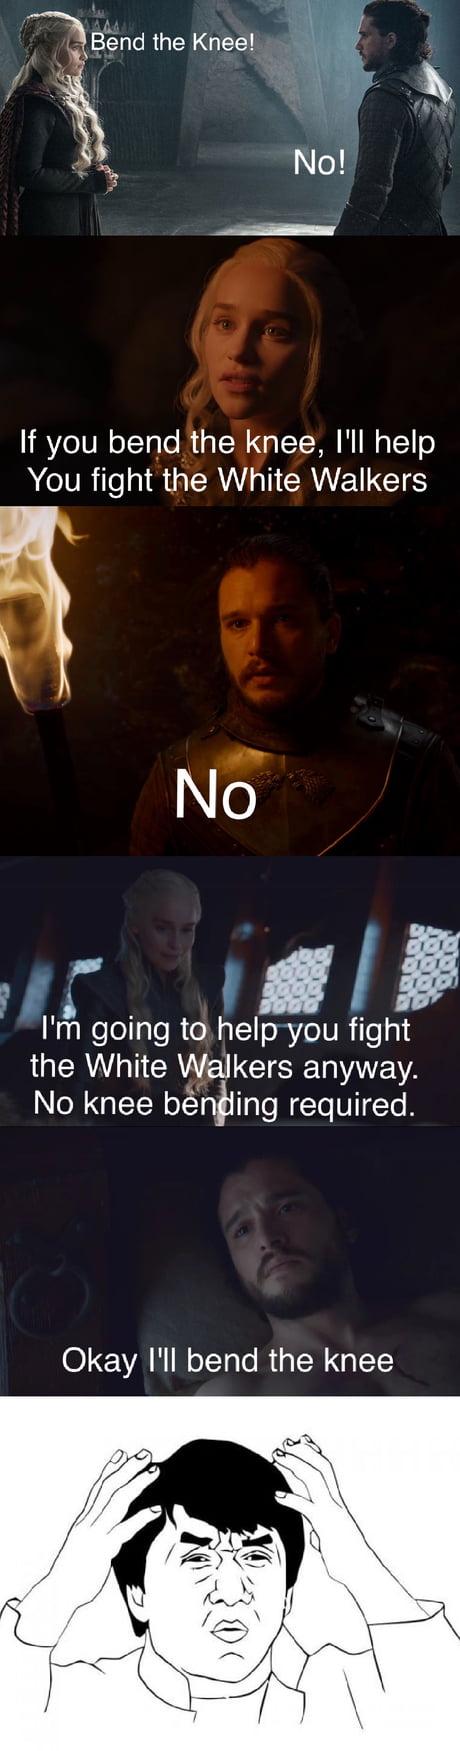 Jon Snow, worst haggler in history.